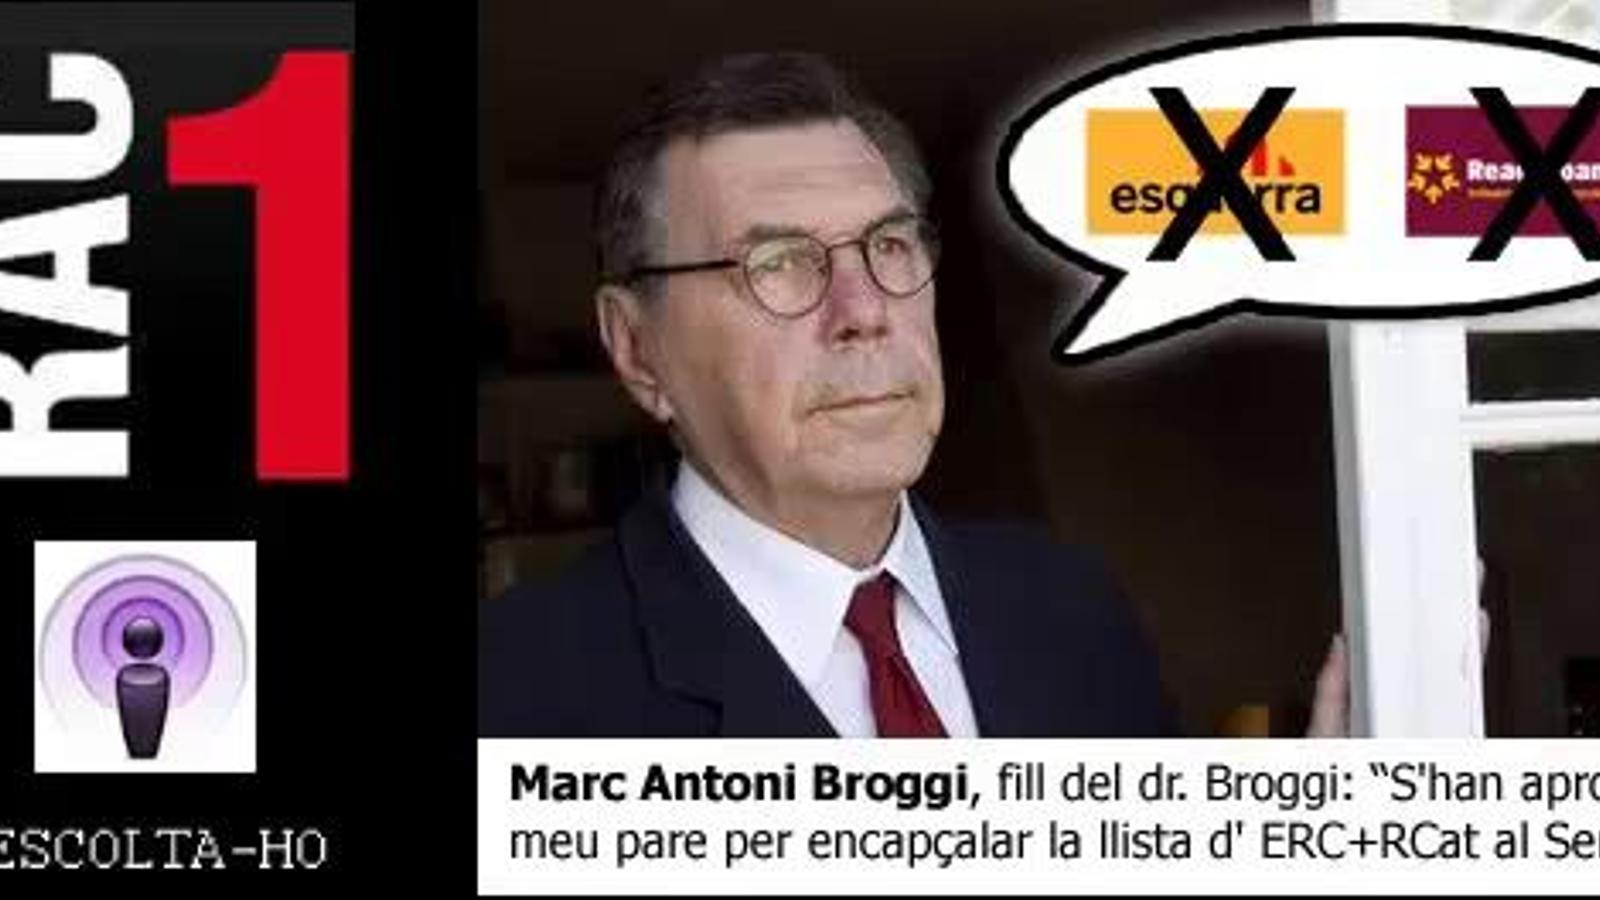 El fill de Moisès Broggi veu aprofitament en la decisió d'ERC, Rcat i Catalunya SÍ de fer-lo candidat